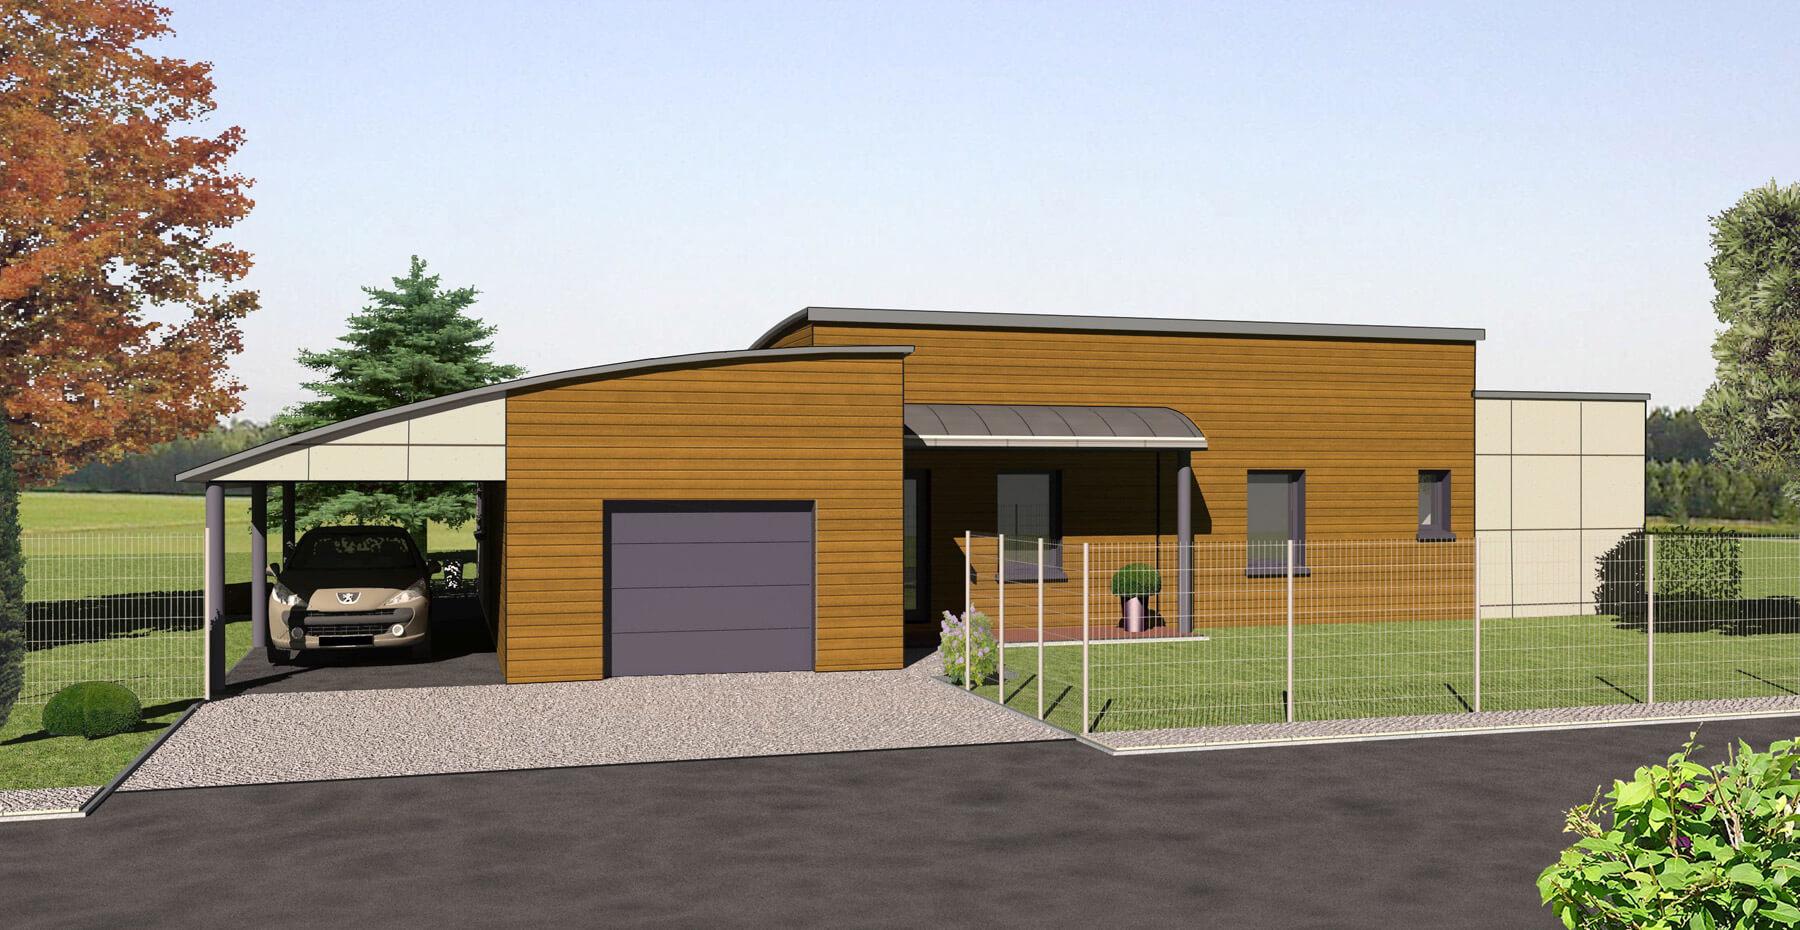 Meilleur constructeur maison bois ventana blog for Constructeur maison bois